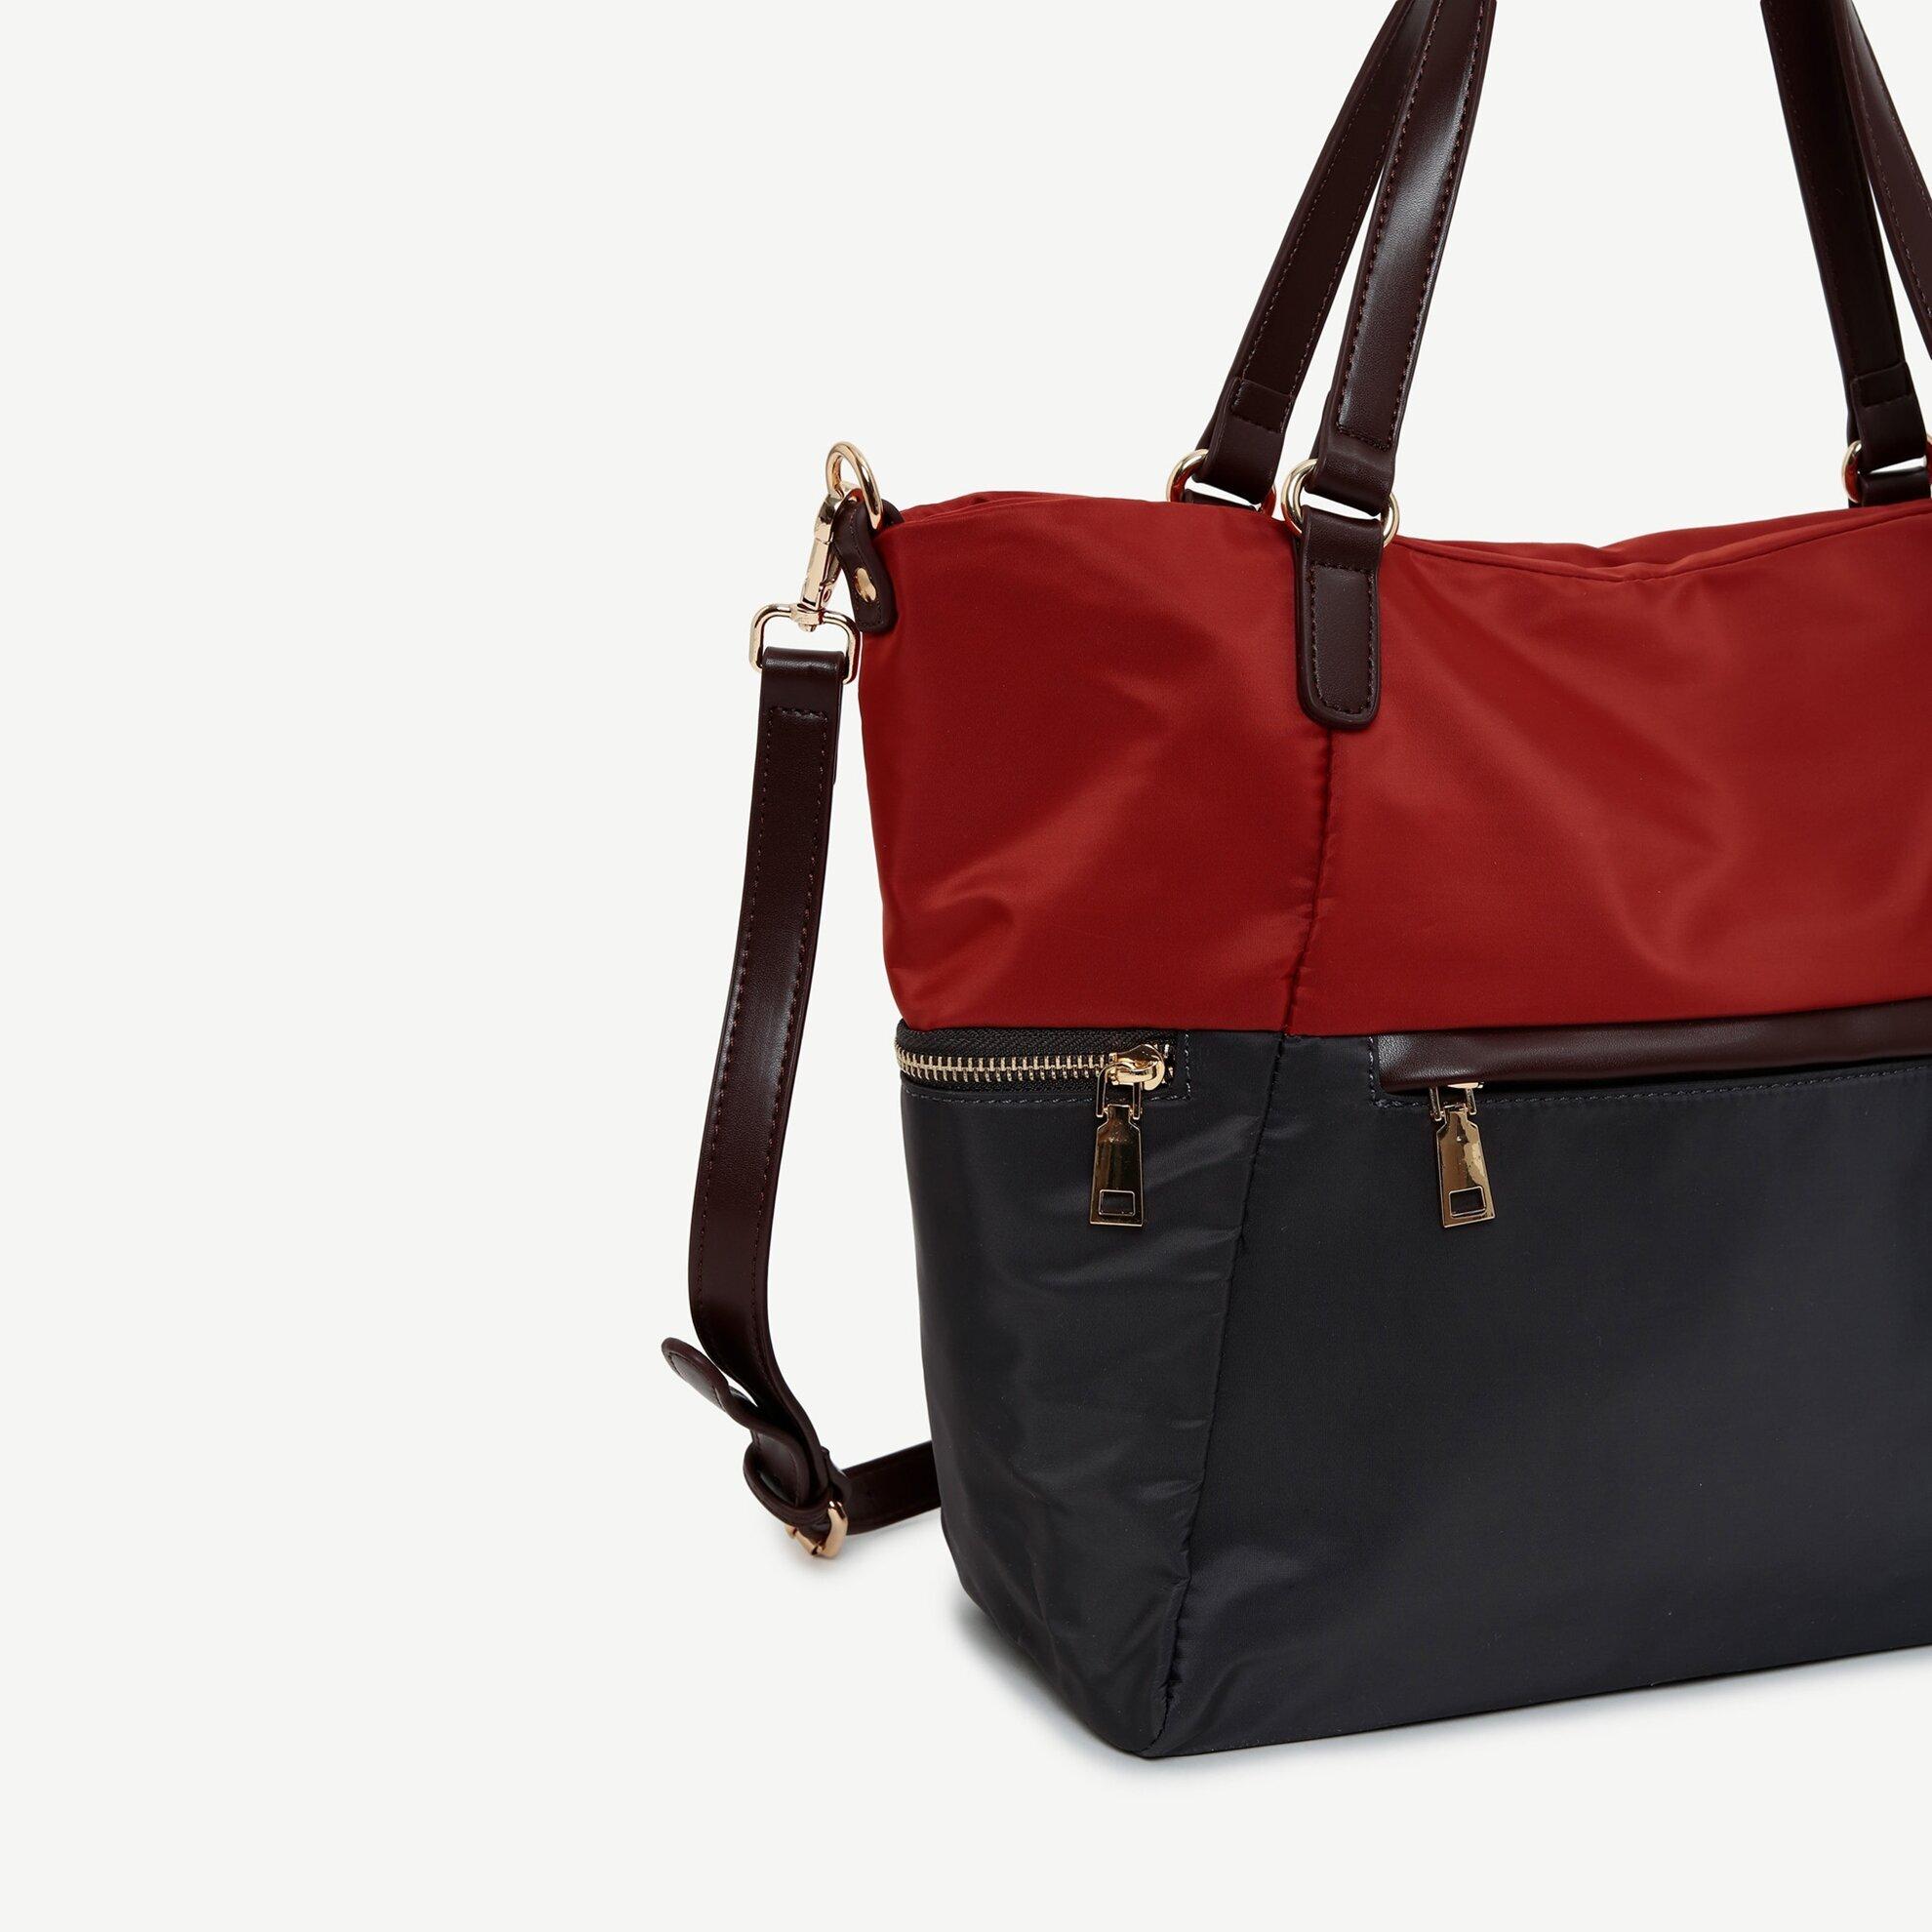 Handtasche aus verschieden farbenen Stoffen